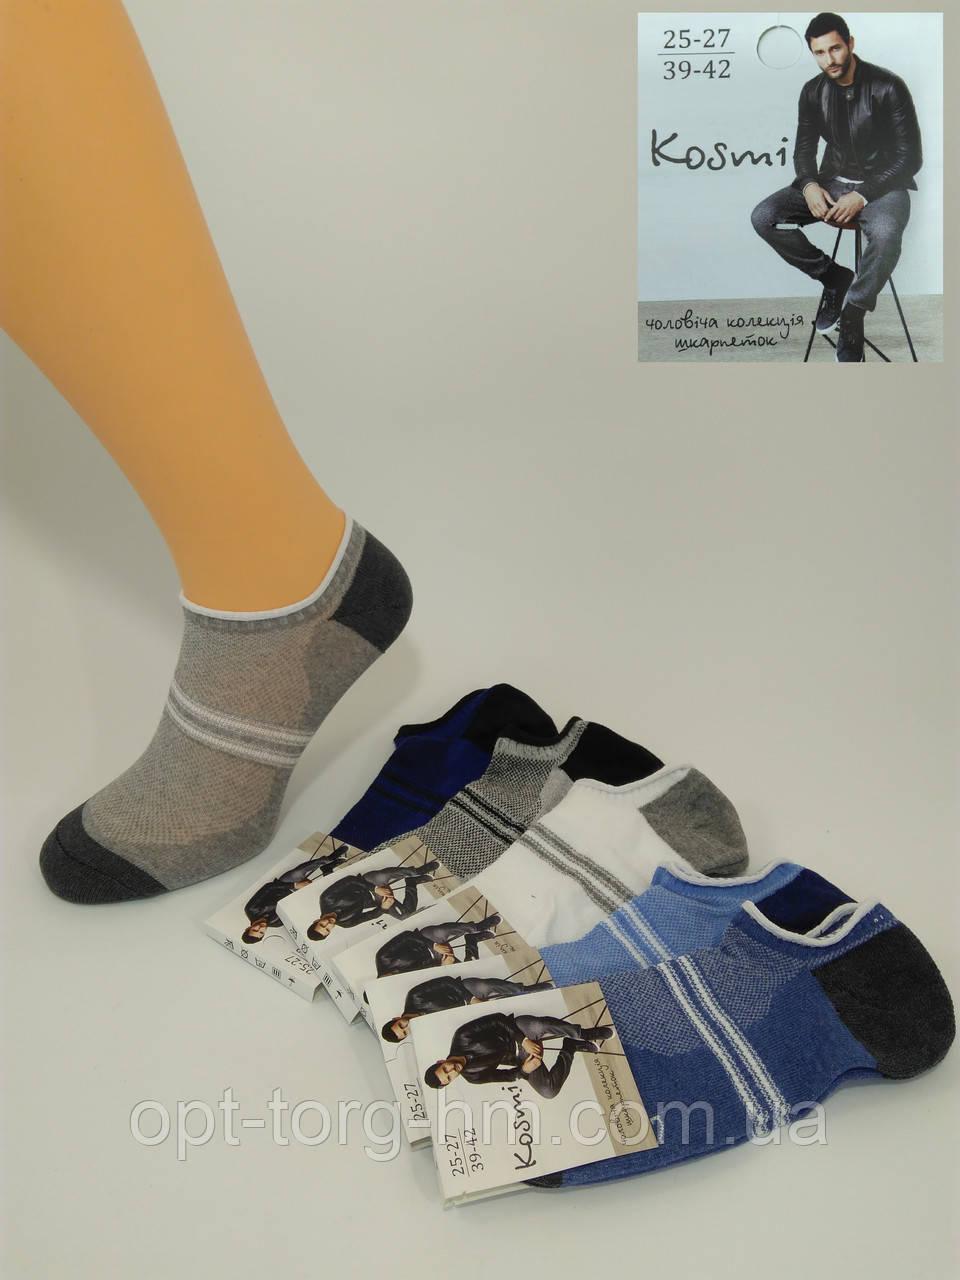 Мужские следы  Коsmі 25-27 (39-42 обувь)